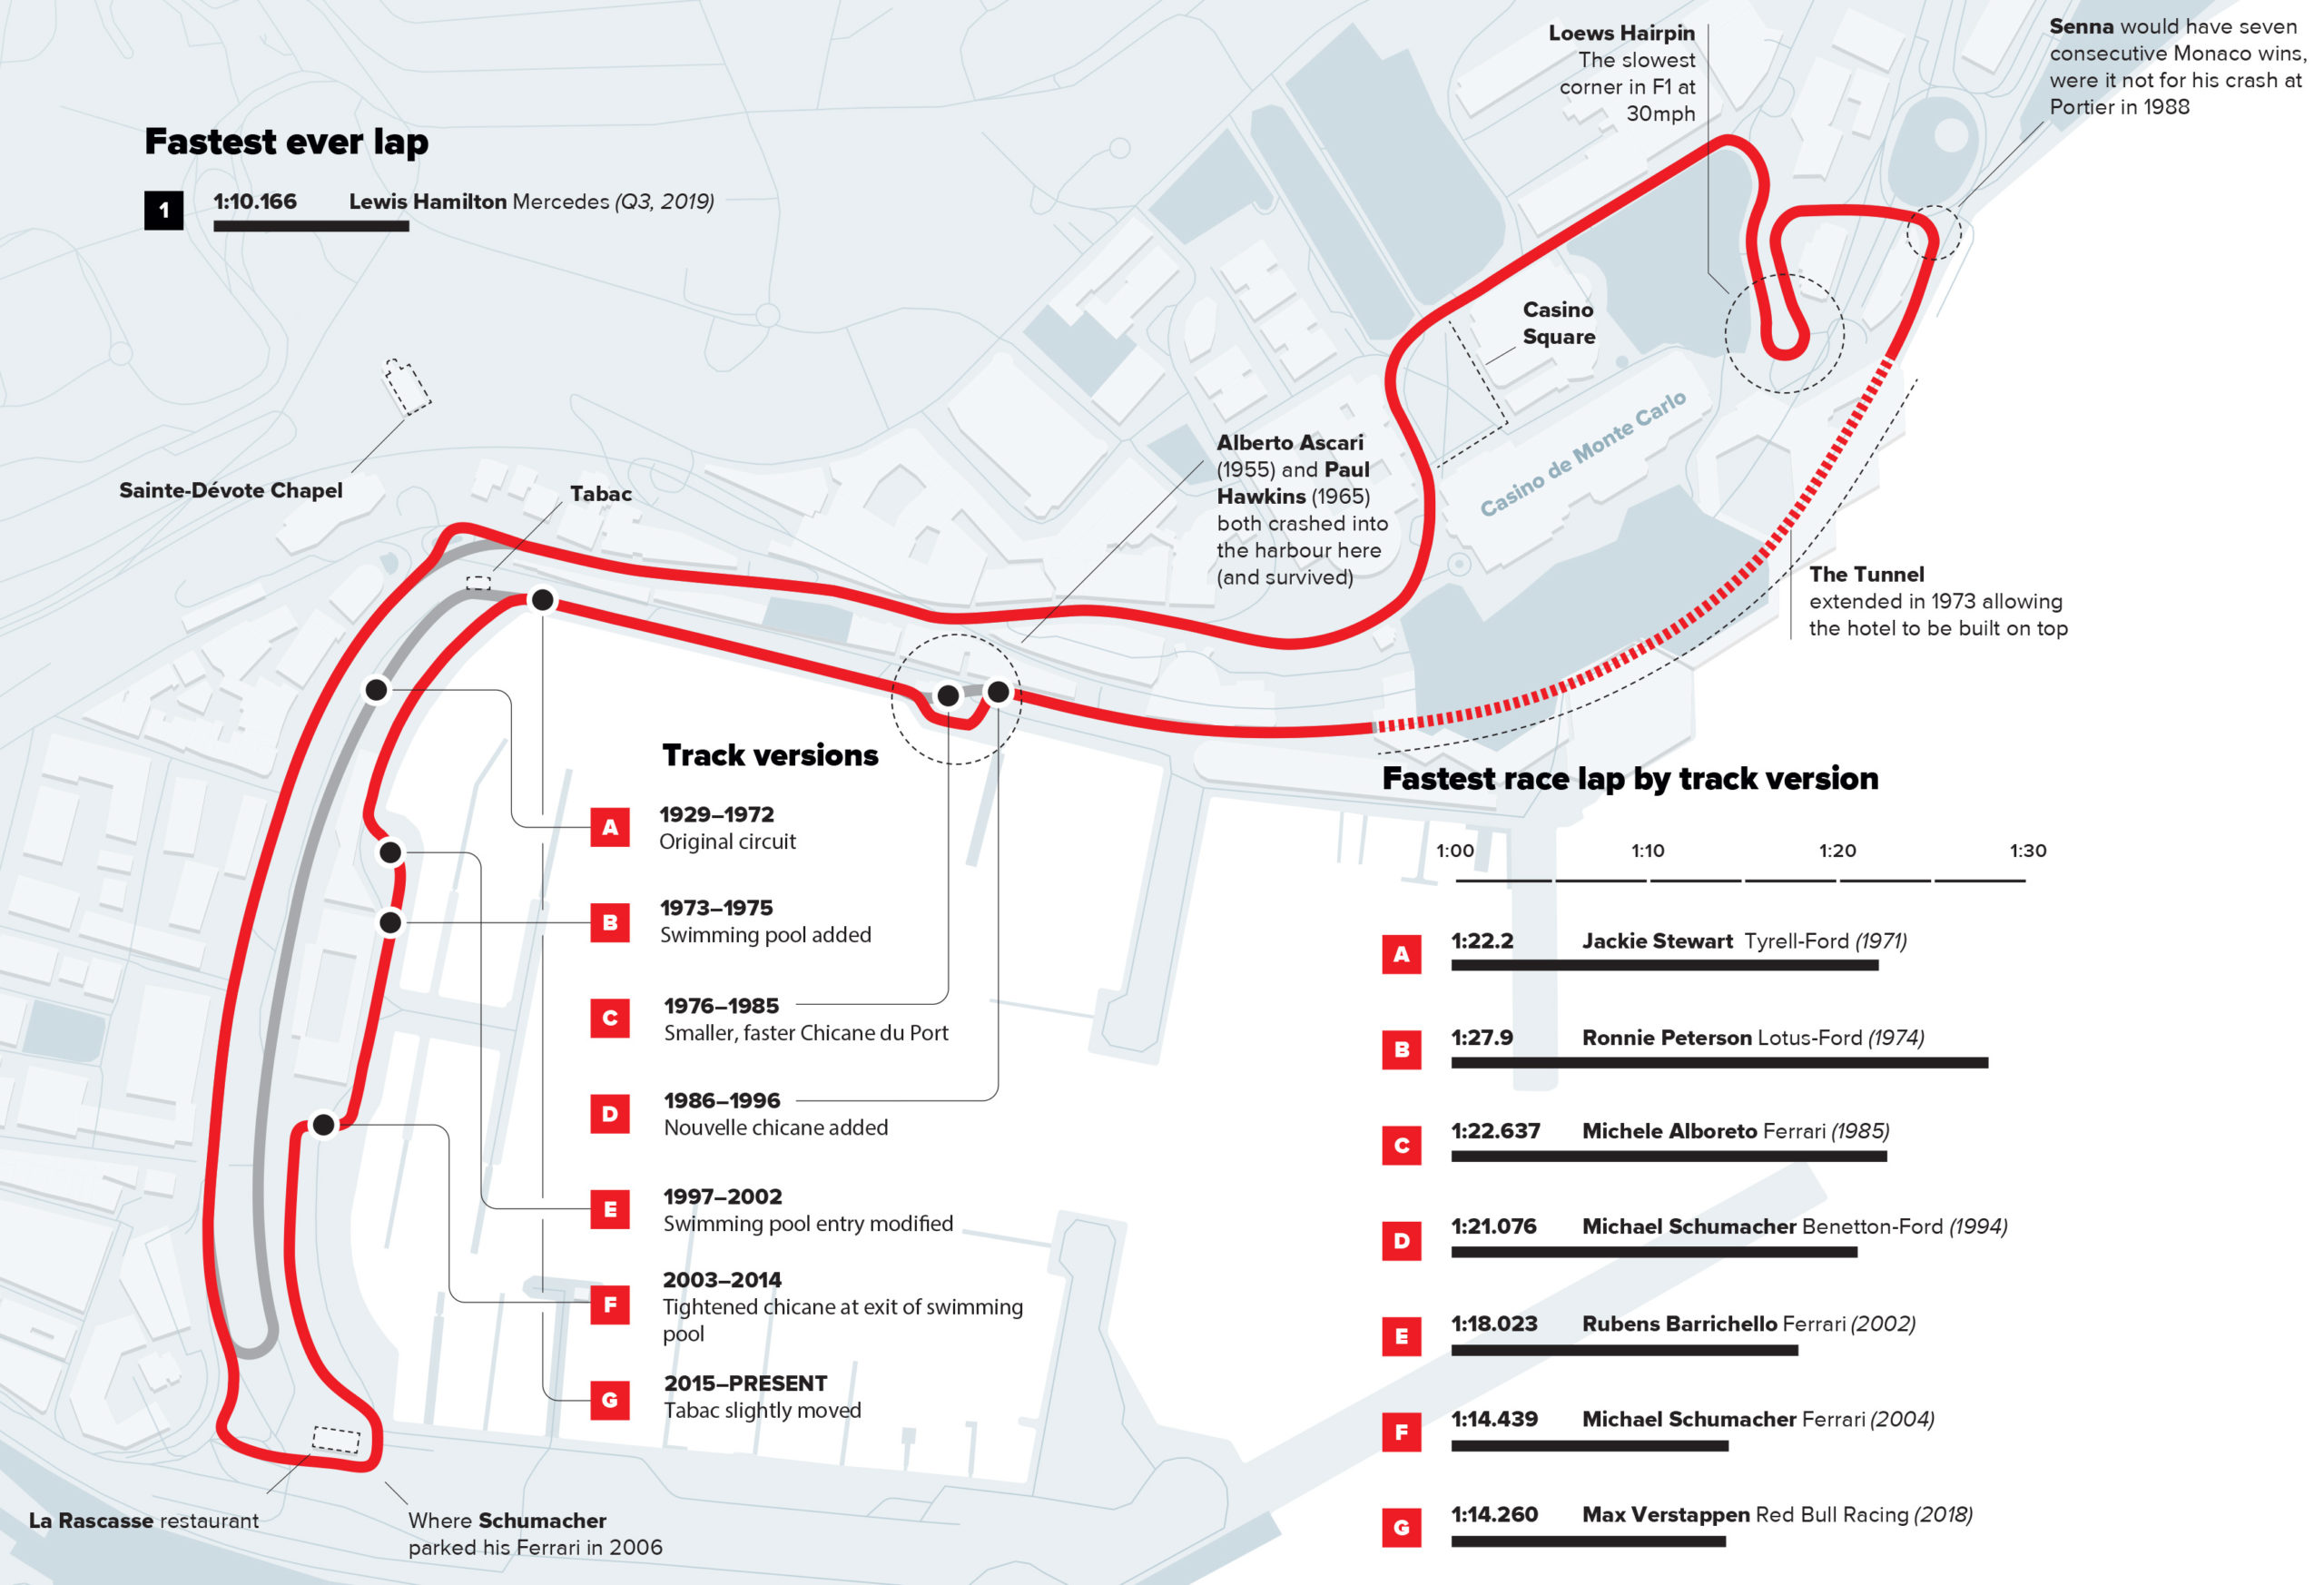 Monaco circuit infographic